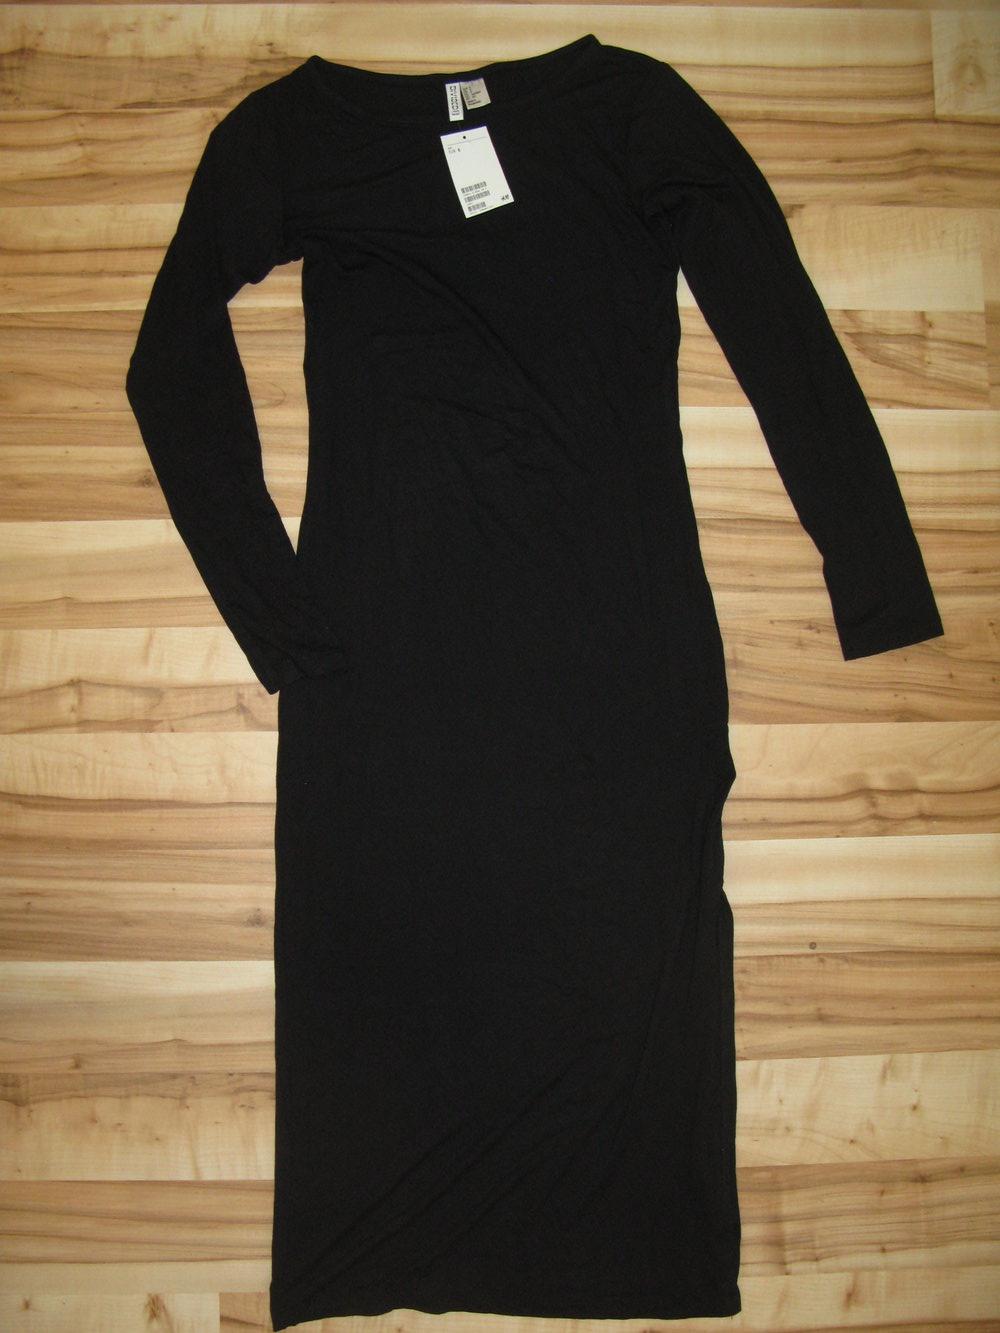 Neu! Langes, schlichtes Shirt-Kleid von H&M Divided mit seitlichem Schlitz,  schwarz, Gr. S